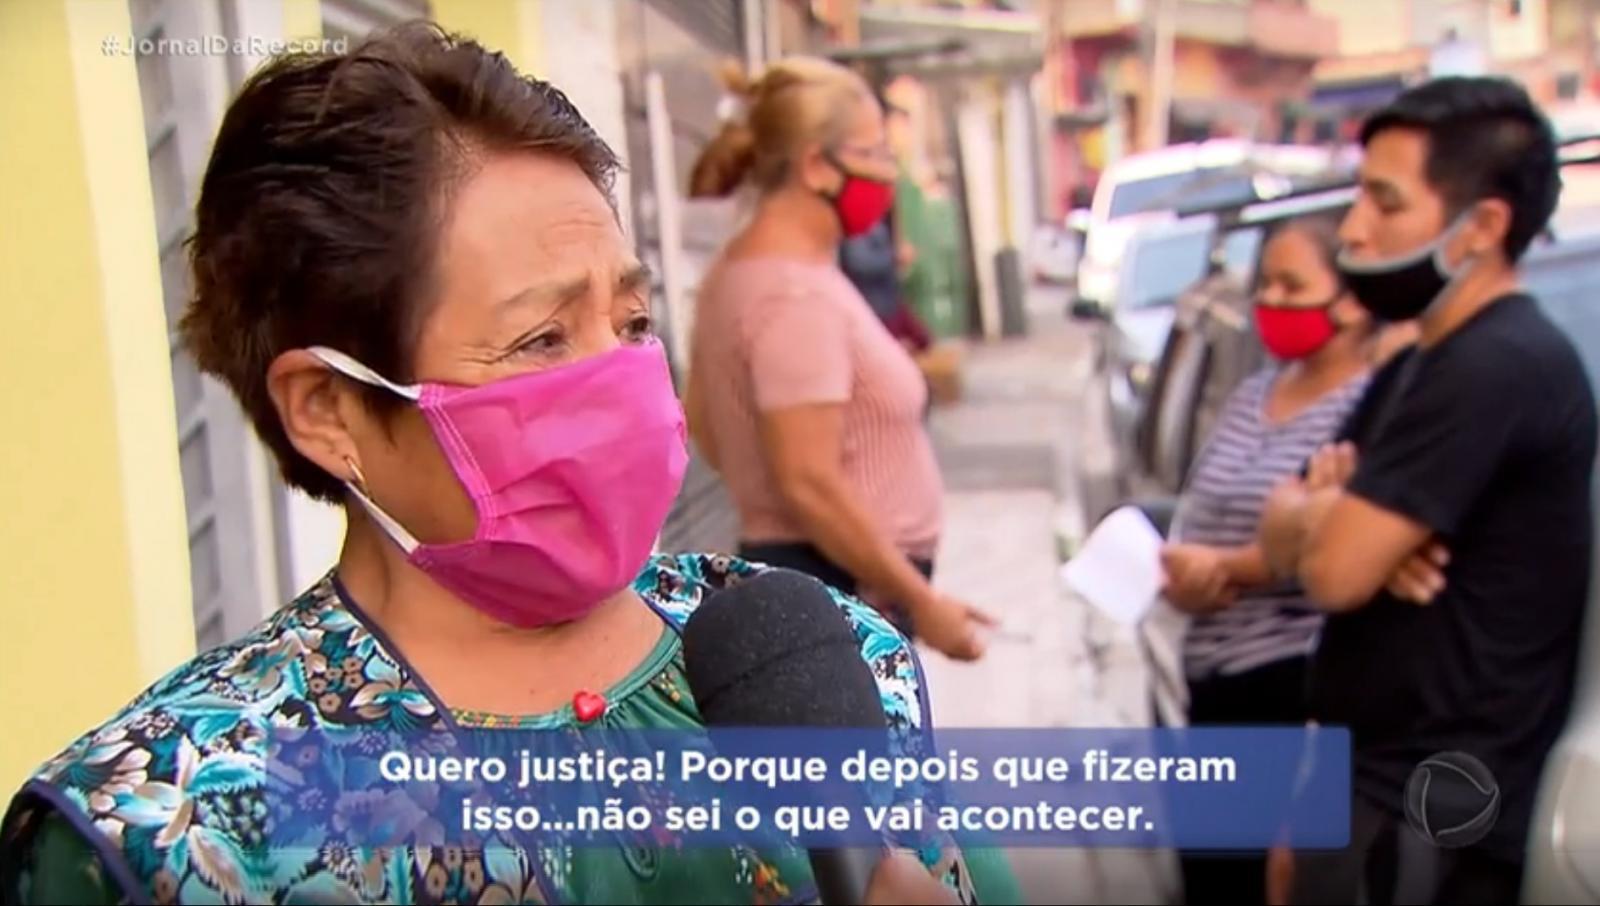 Imigrante boliviano fica em estado grave após sofrer assalto no dia do aniversário